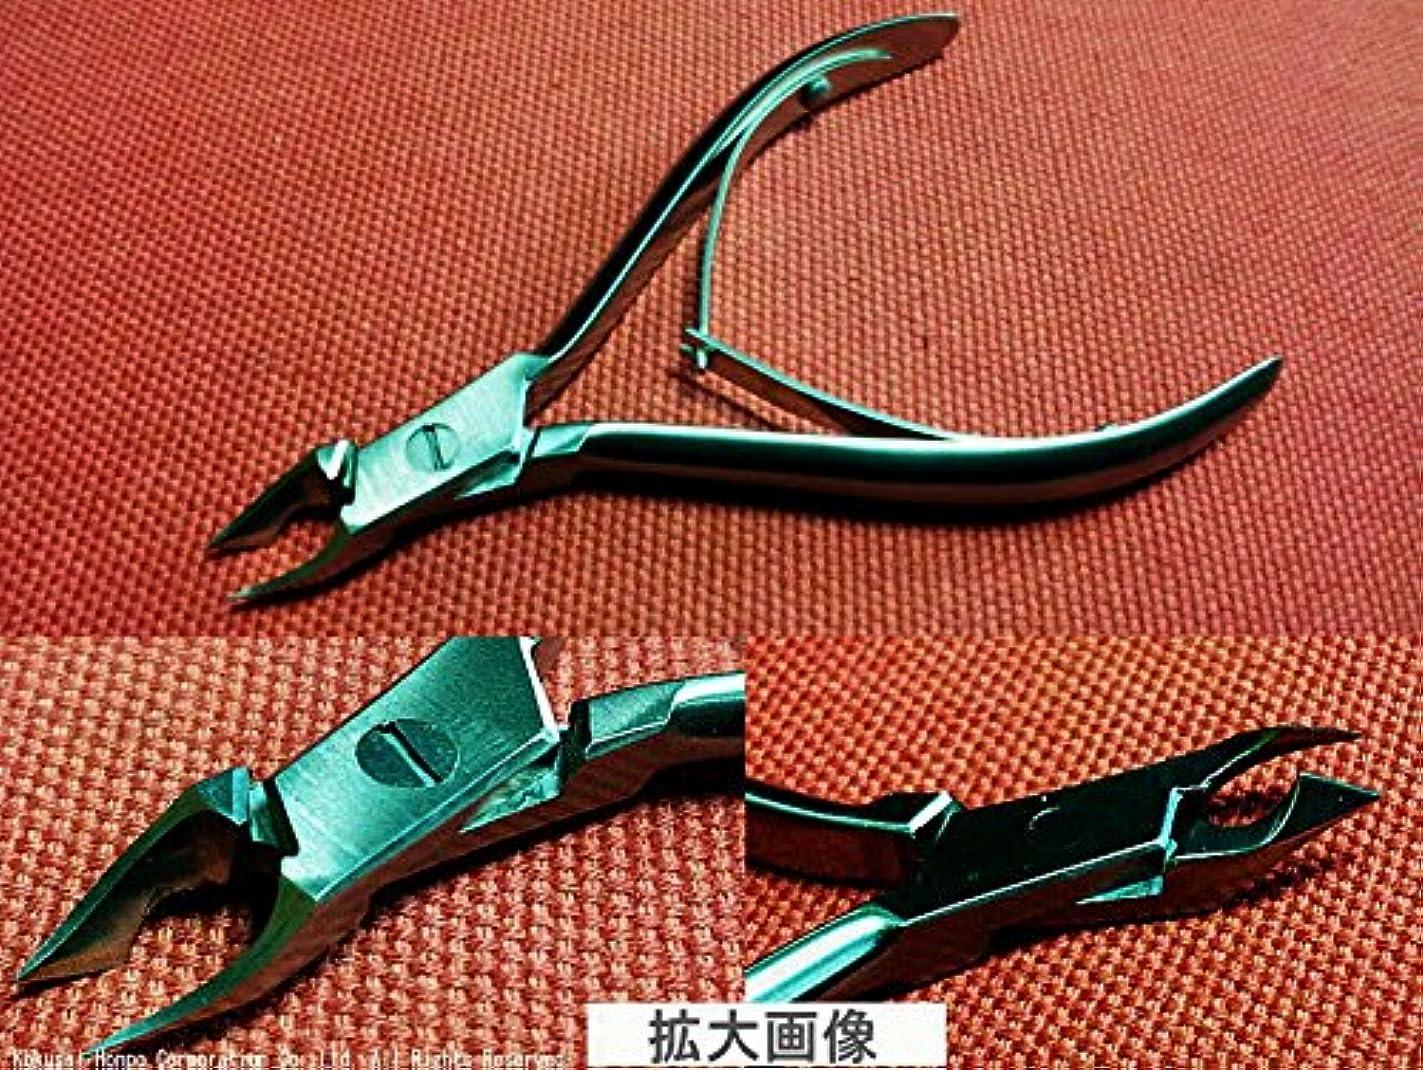 未使用動く契約した#15キューティクルニッパー(甘皮用)*爪の生え際あま皮カットに◆医療器具にも使用されるステンレス製